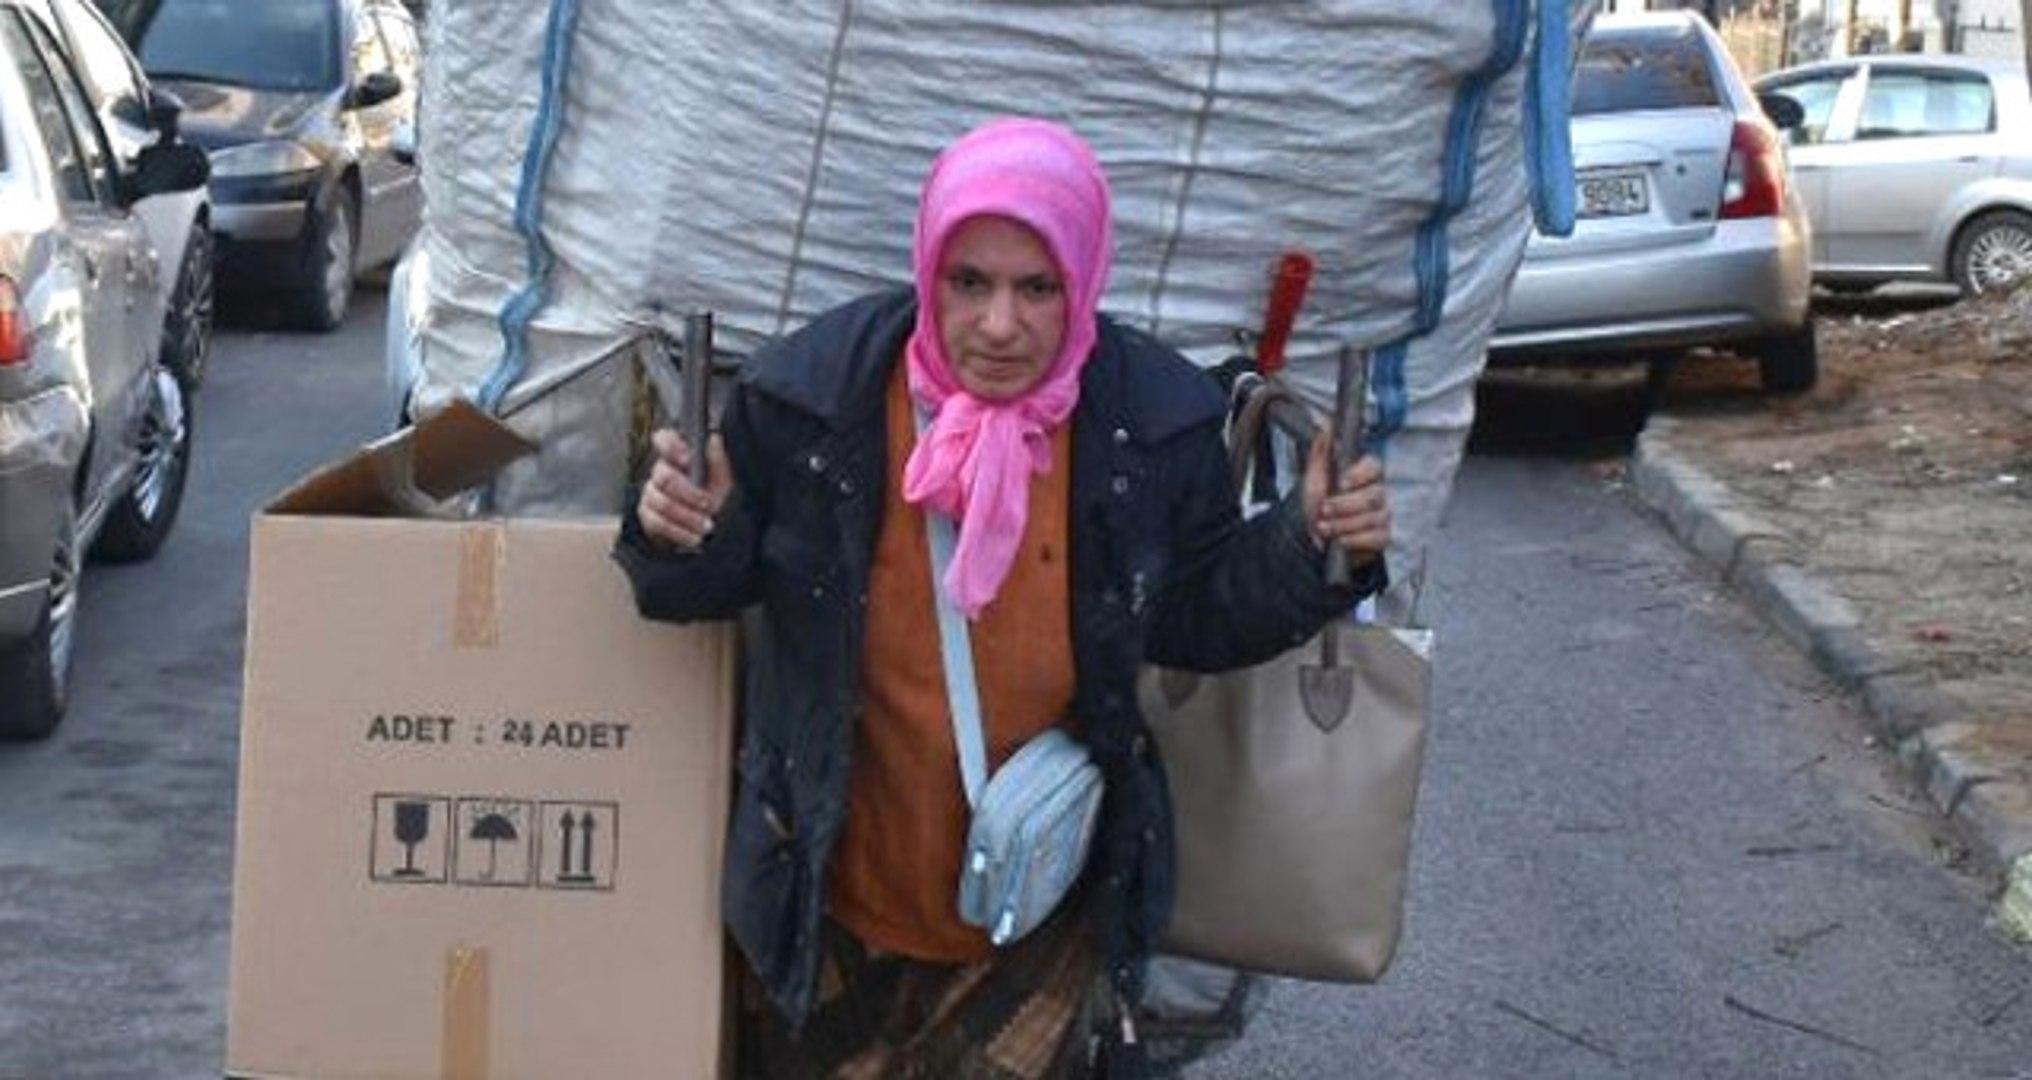 Açlık sınırı 3 bin 500, yoksulluk sınırı 12 bin lirayı aştı